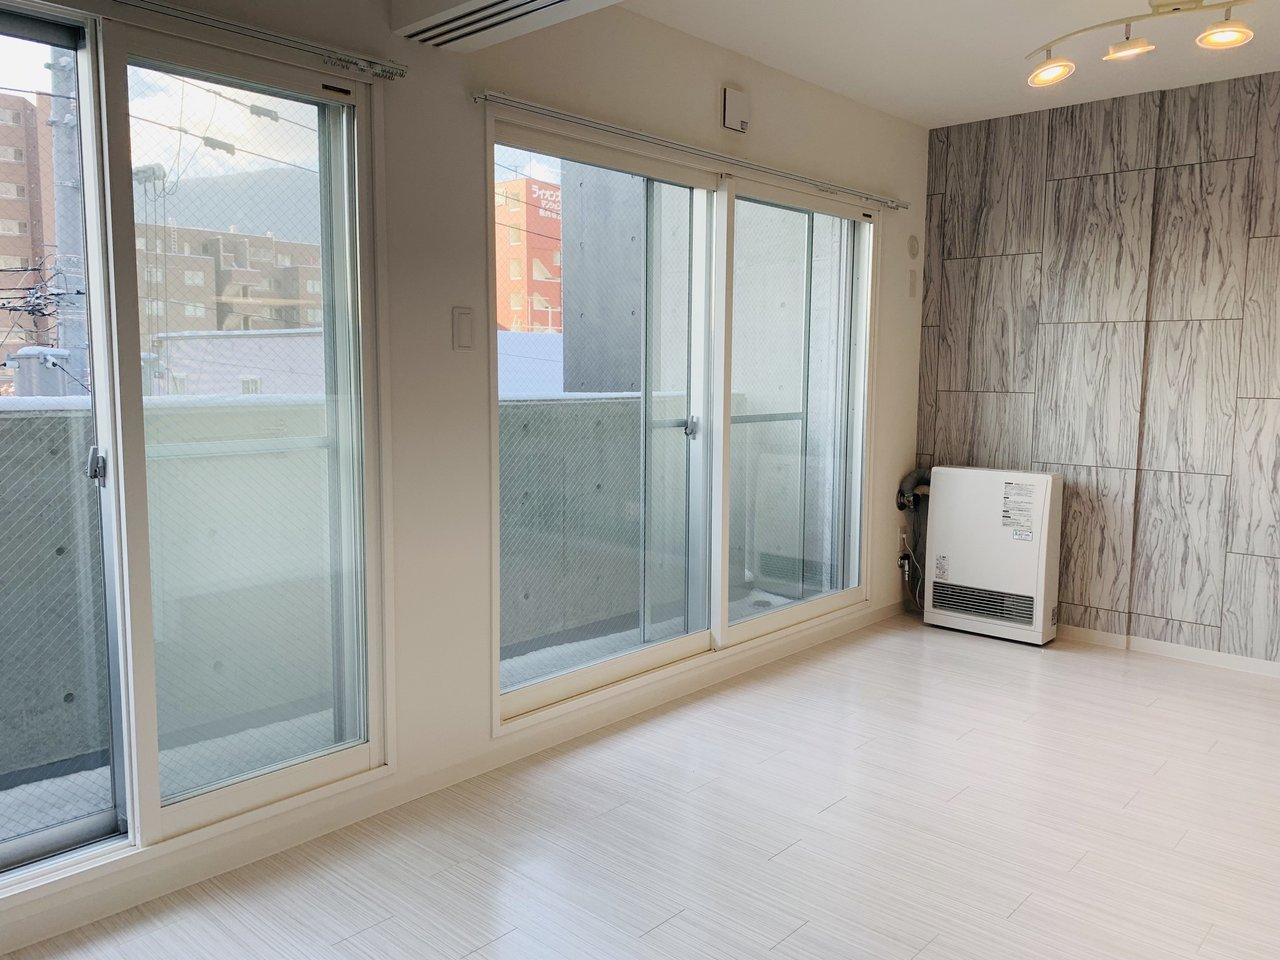 大きな南向きの窓が特徴の1LDKのお部屋。リビングは7畳ありますよ。グレーの木目調のアクセントクロスも、高級感があっていいですね。